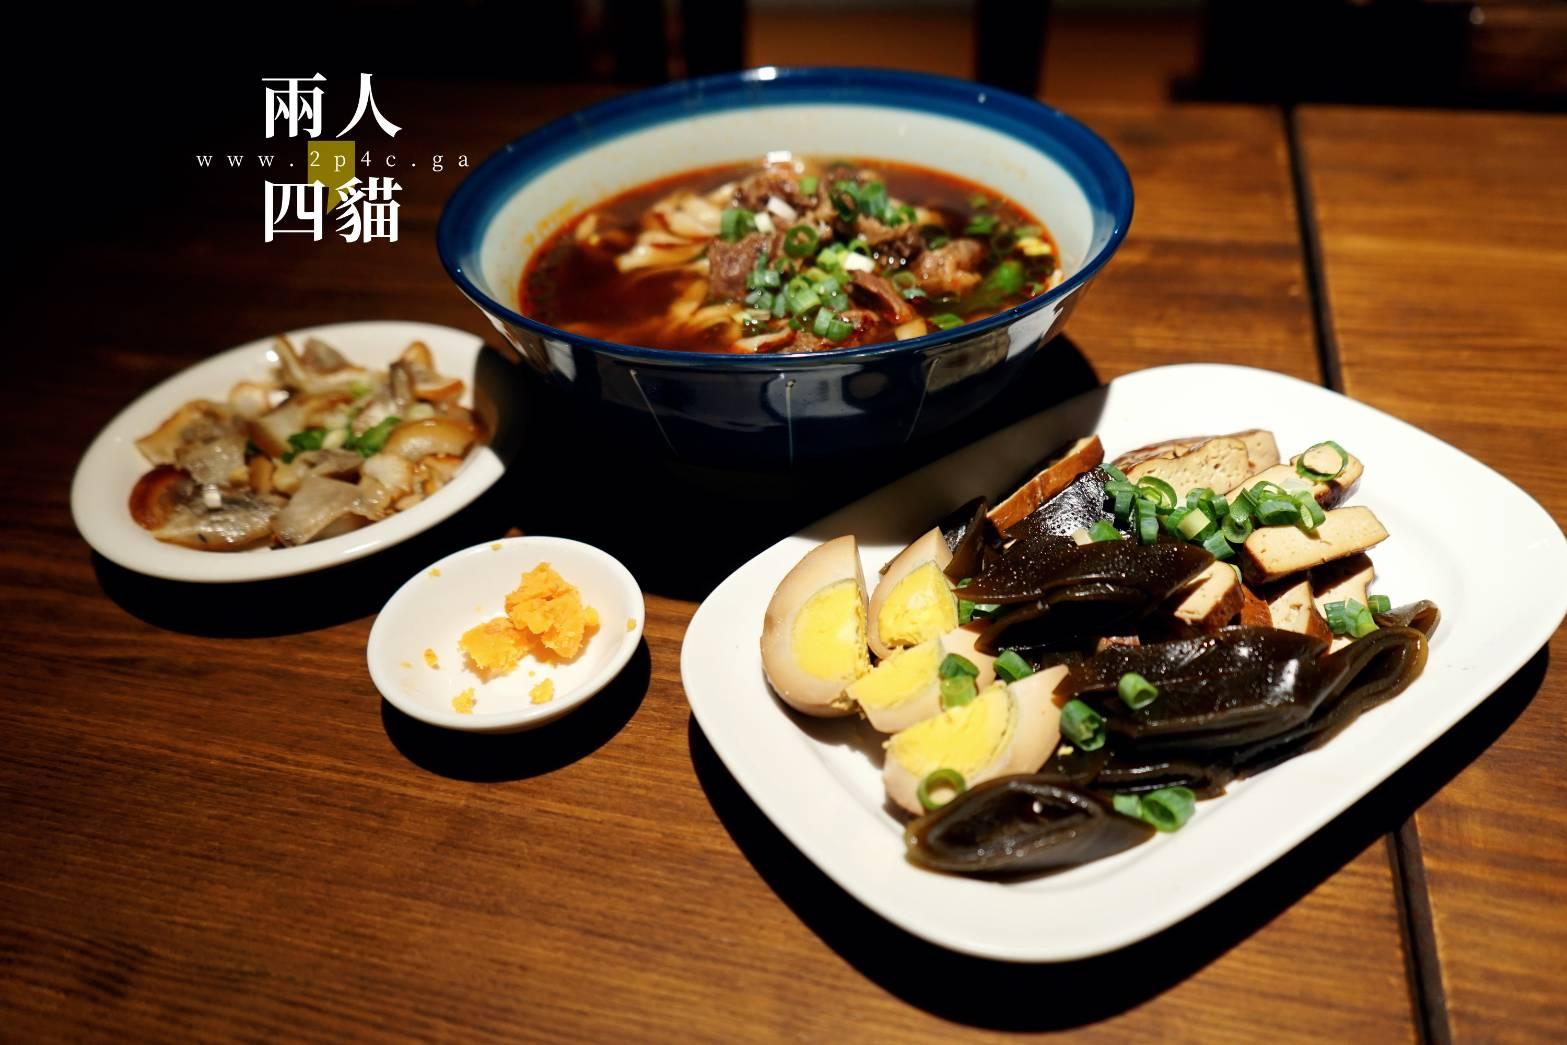 【新竹|美食】在城市中的小眷村【大叔牛肉麵】銷魂麻辣牛肉麵 湯頭濃郁甘甜